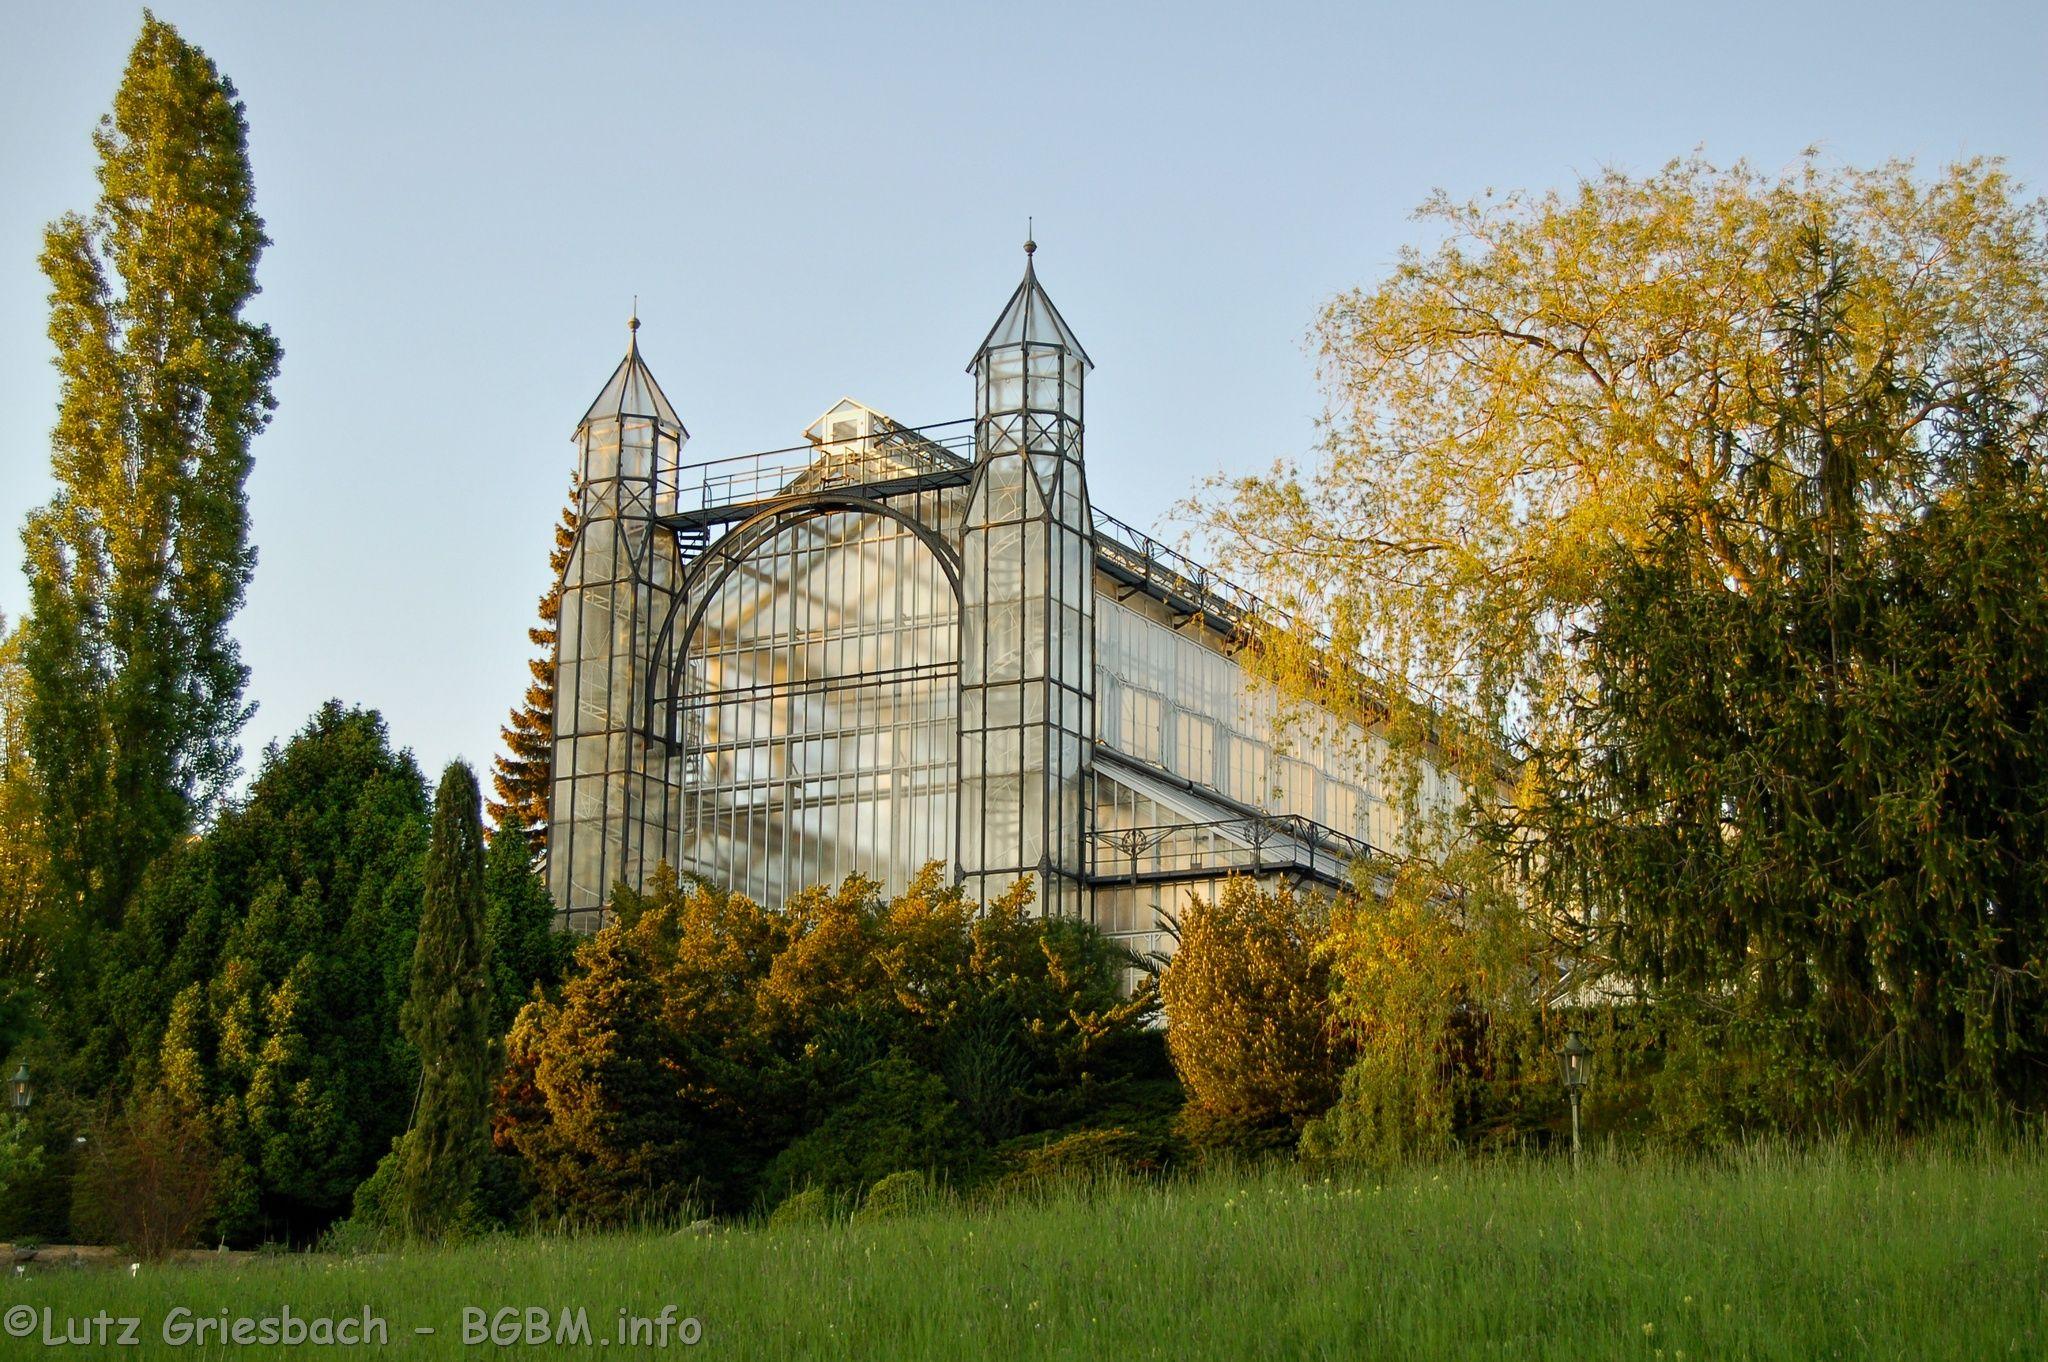 Berlin Dahlem Botanischer Garten Mittelmeerhaus Google Search House Styles Botanical Gardens Renaissance Art